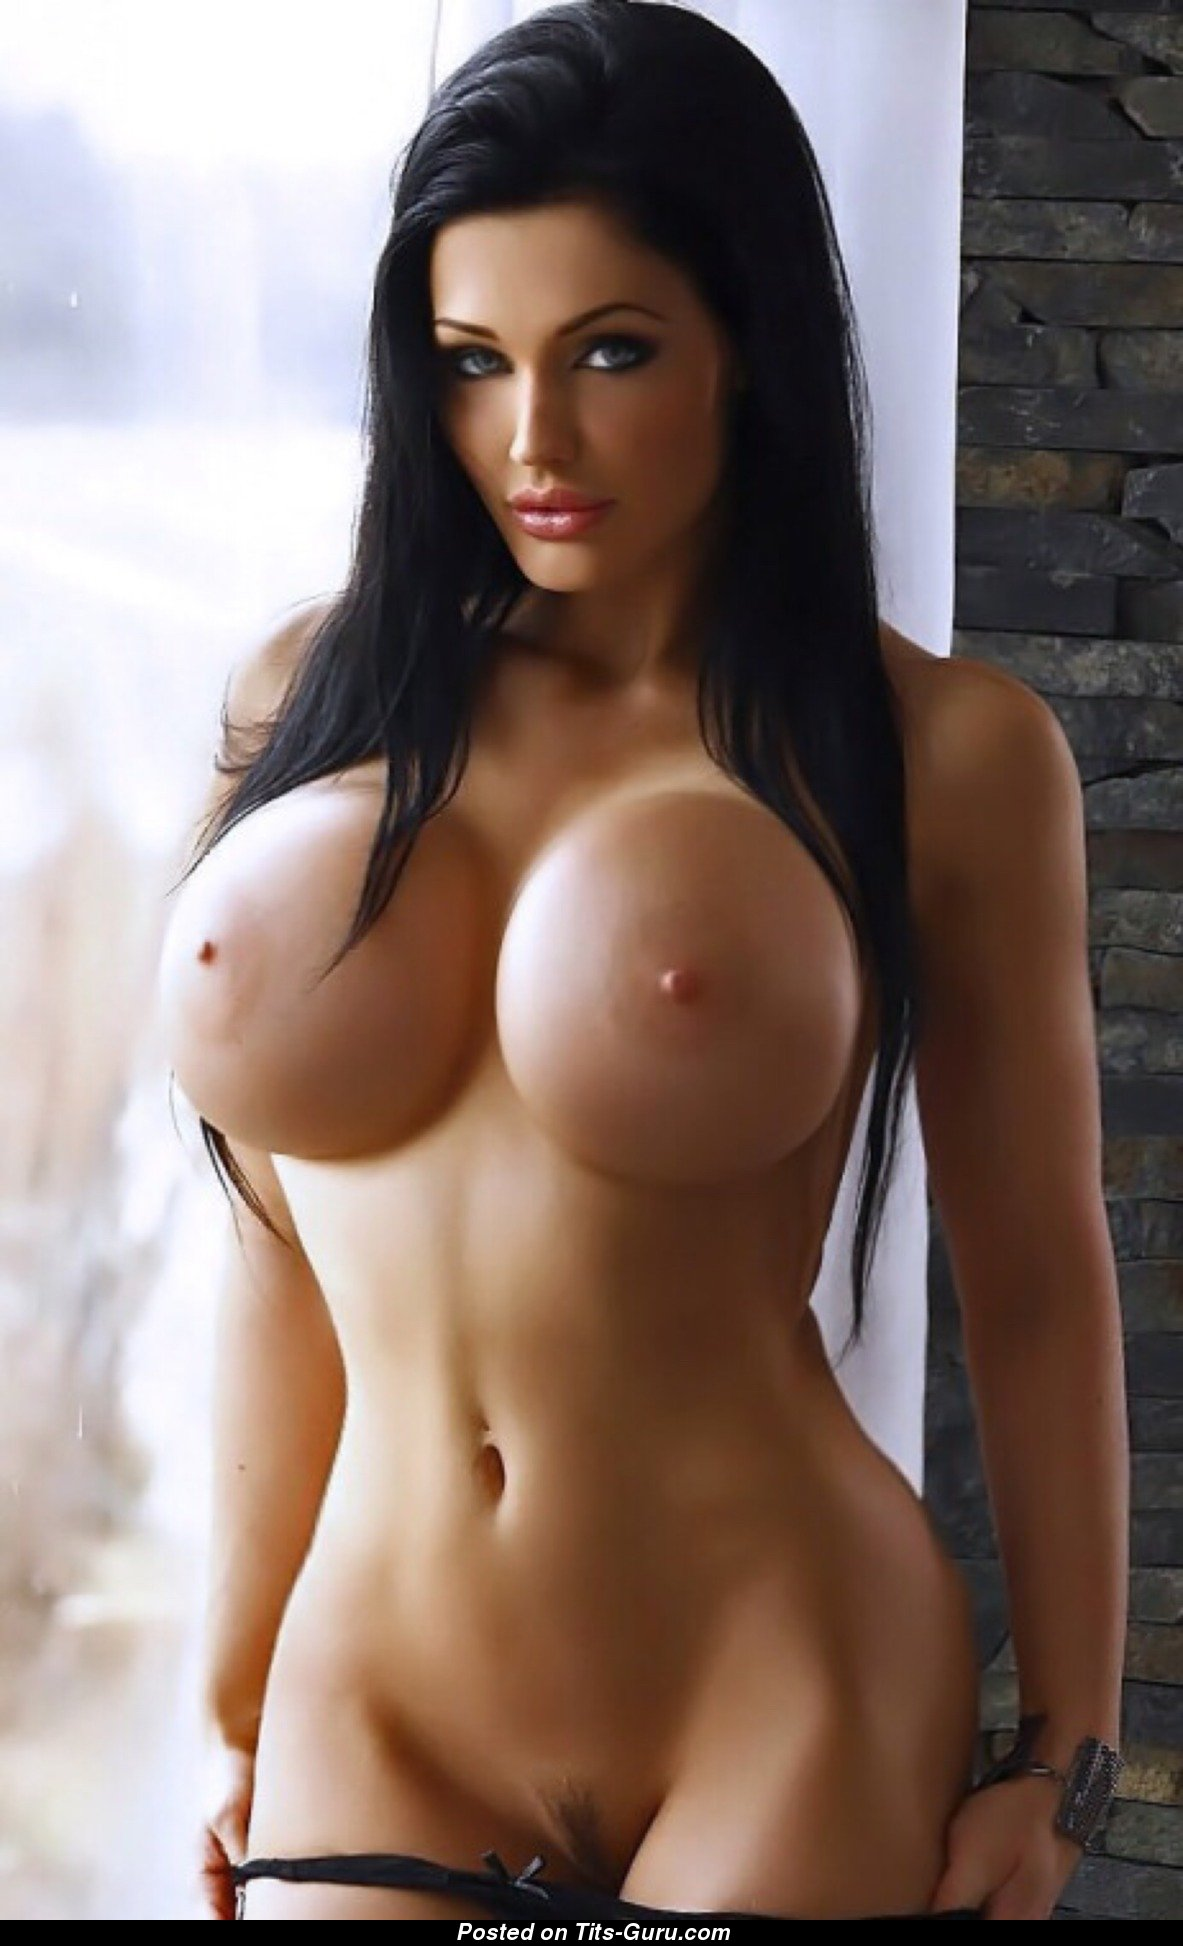 порно девушек с крууглыми грудями